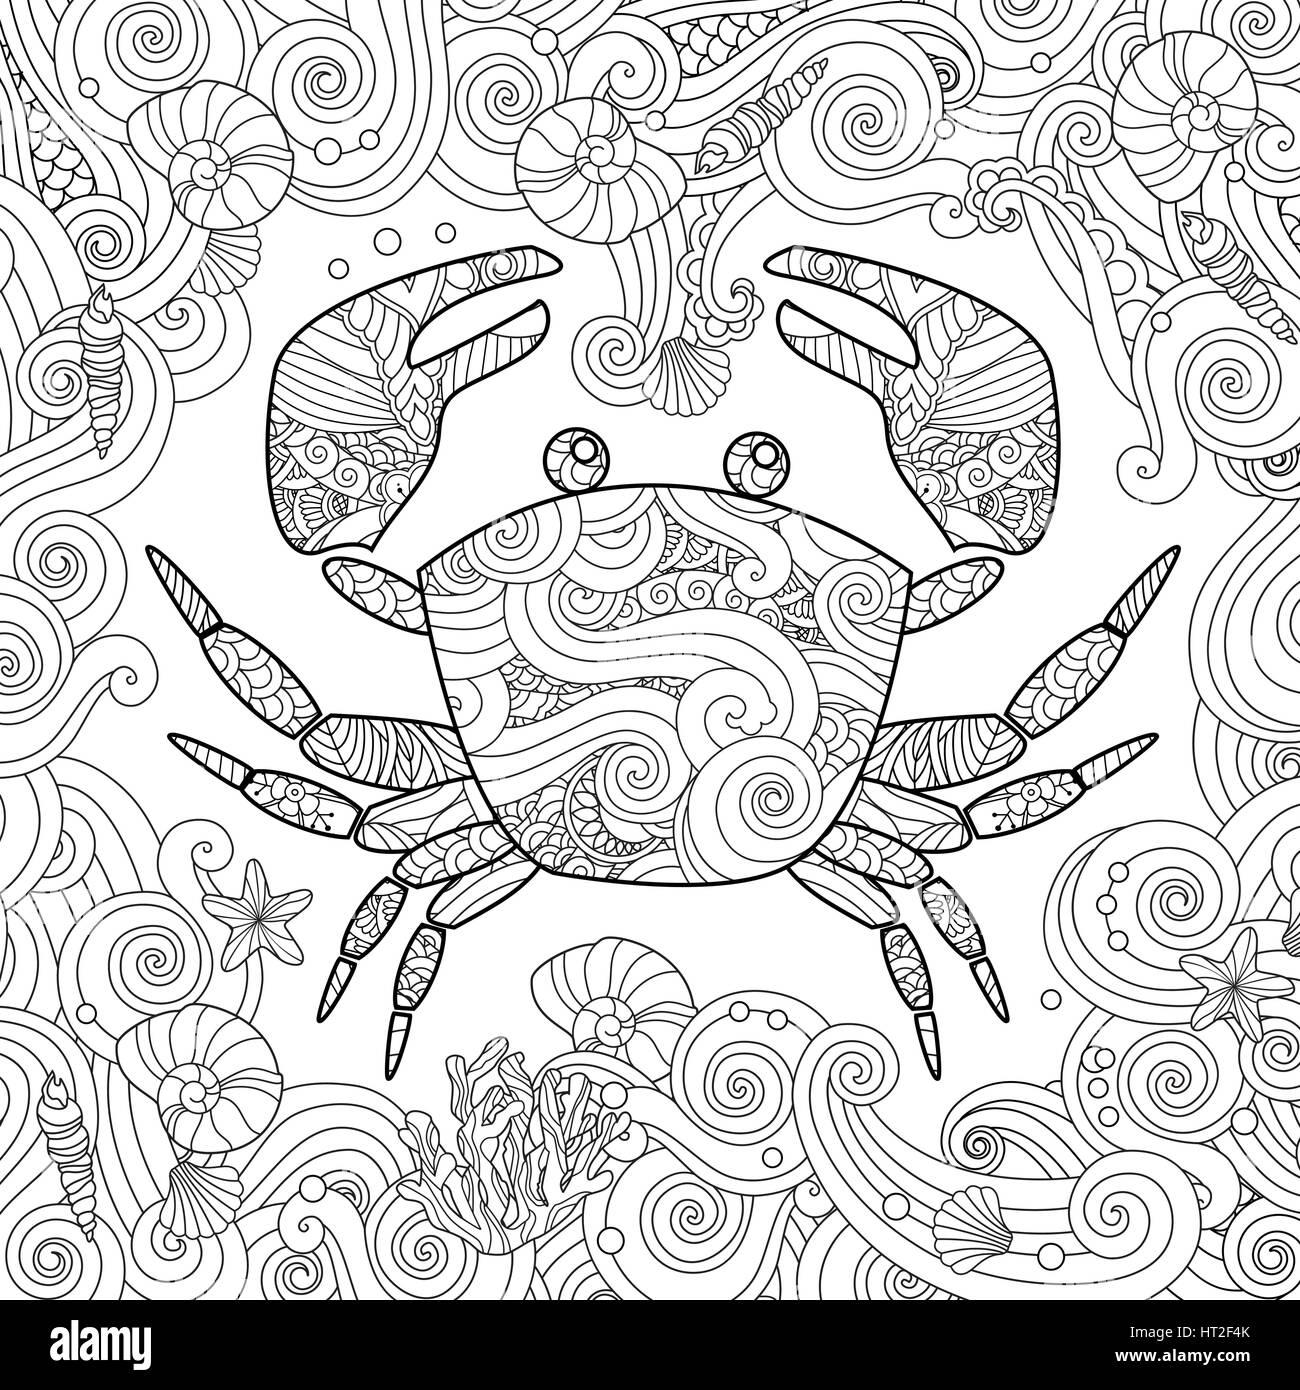 Berühmt Süße Krabbe Malvorlagen Fotos - Malvorlagen-Ideen ...